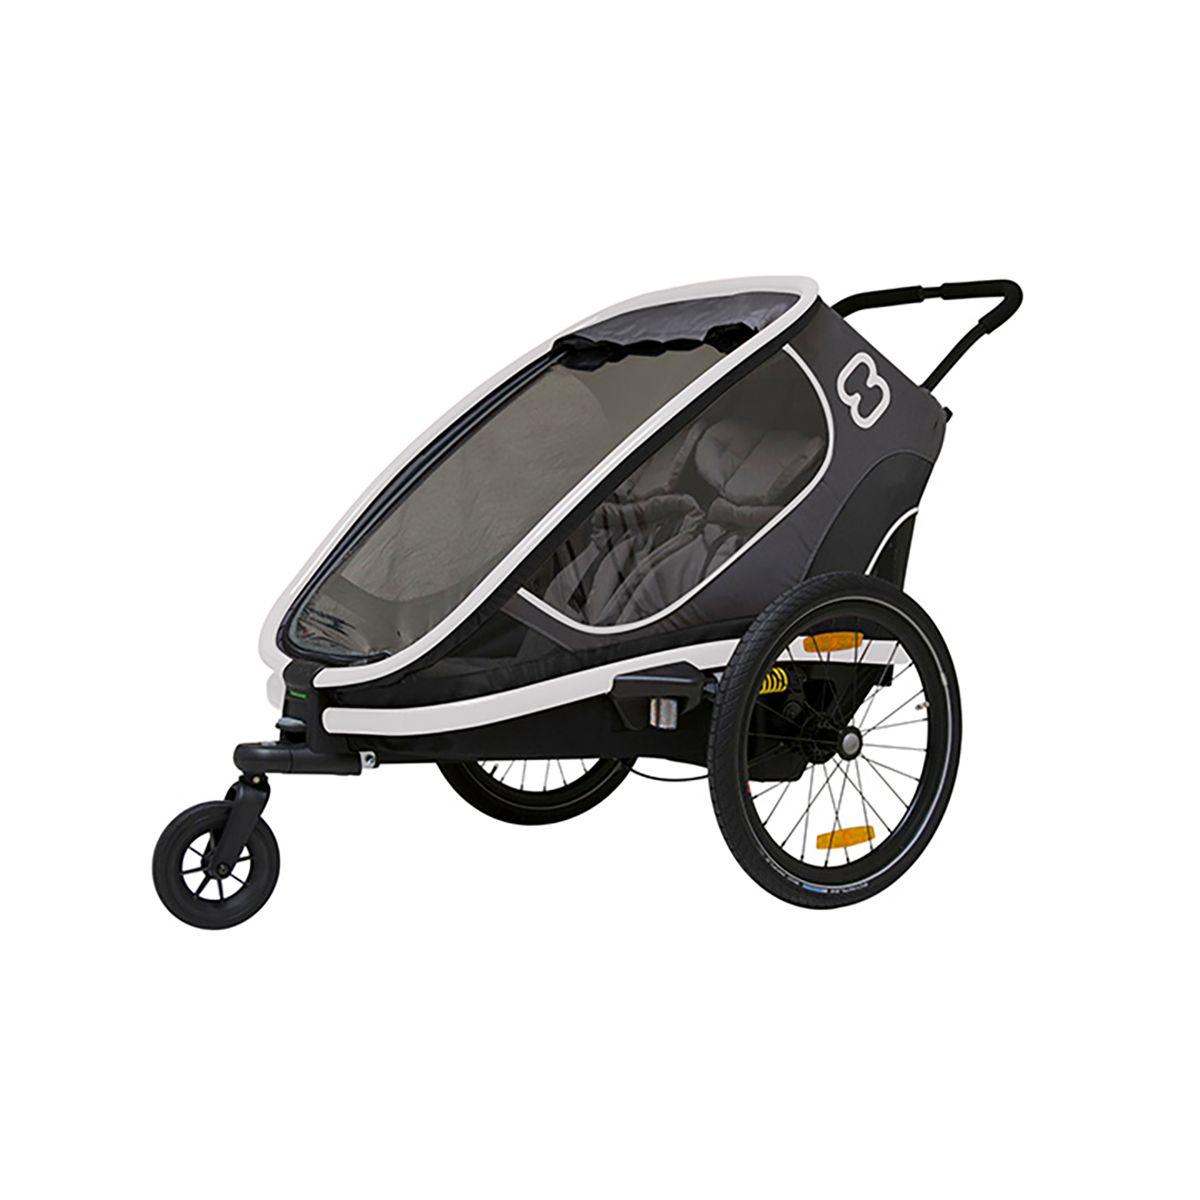 Hamax Outback Multi-Sport Child Bike Trailer & Stroller